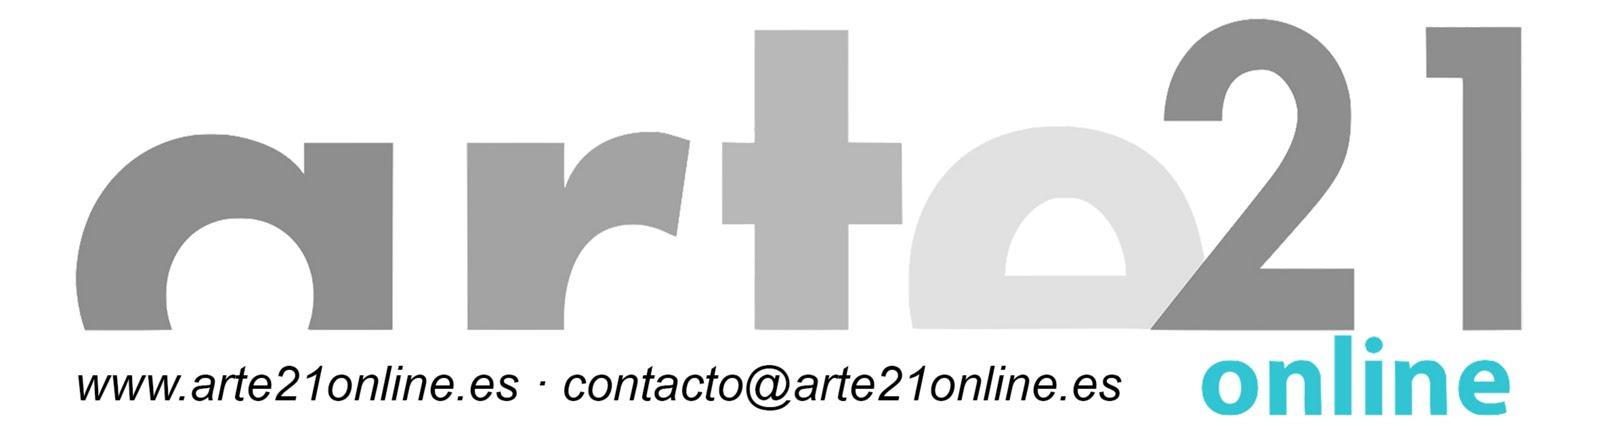 Arte 21